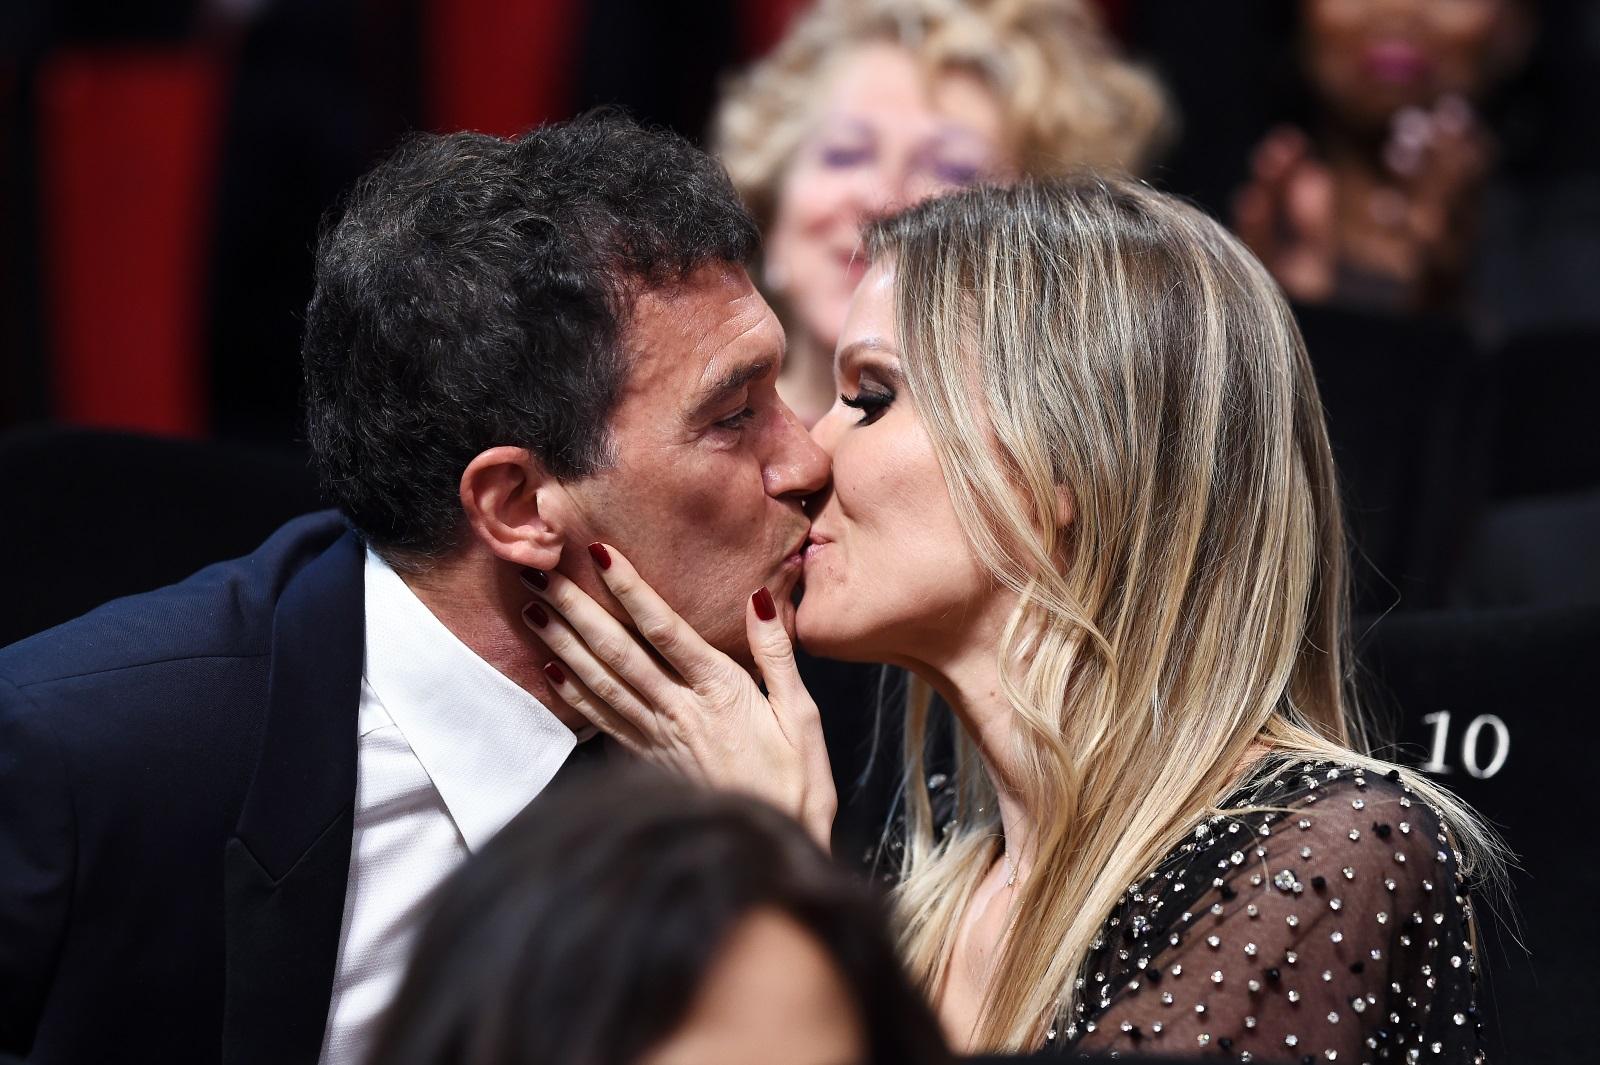 Една голяма любов се забравя...само с друга голяма любов. След бурната връзка на Антонио Бандерас и Мелани Грифит през 2014 г. двамата се разделиха завинаги. Година по-късно актьорът публично се появи с новата си приятелка, която и до днес е жената на сърцето му. Както през 2015 г., когато Бандерас и Никол Кимпел за първи път минаха заедно по червения килим в Кан, така и през 2019 г. двамата предизвикаха фурор. Вижте снимки на двойката в галерията.